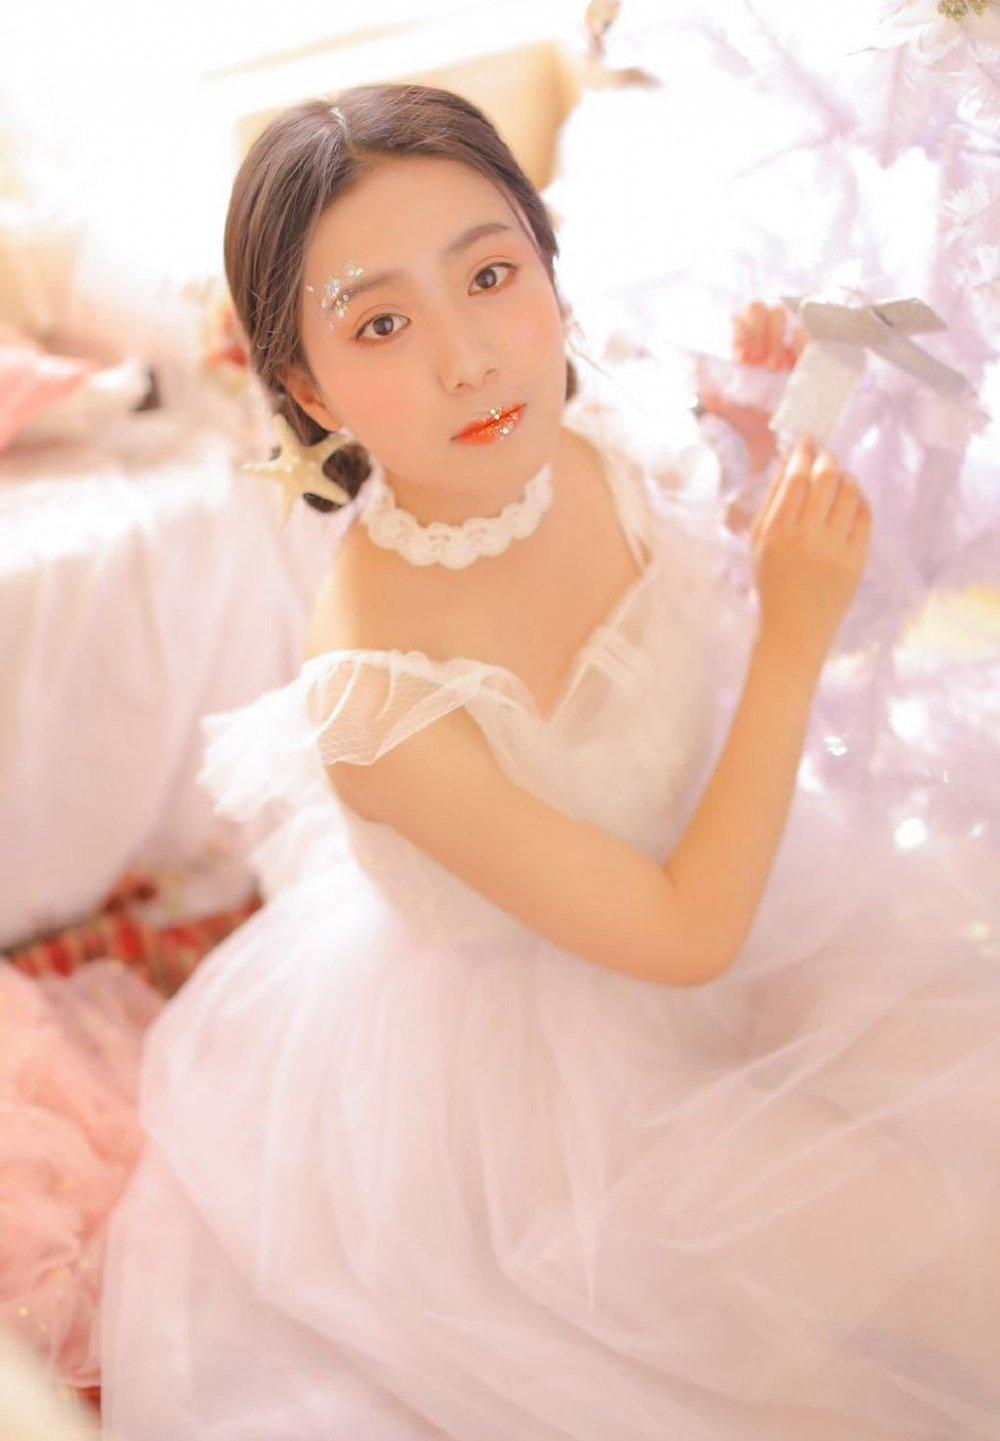 梦幻美女极品透视装蕾丝长裙清纯养眼粉嫩写真